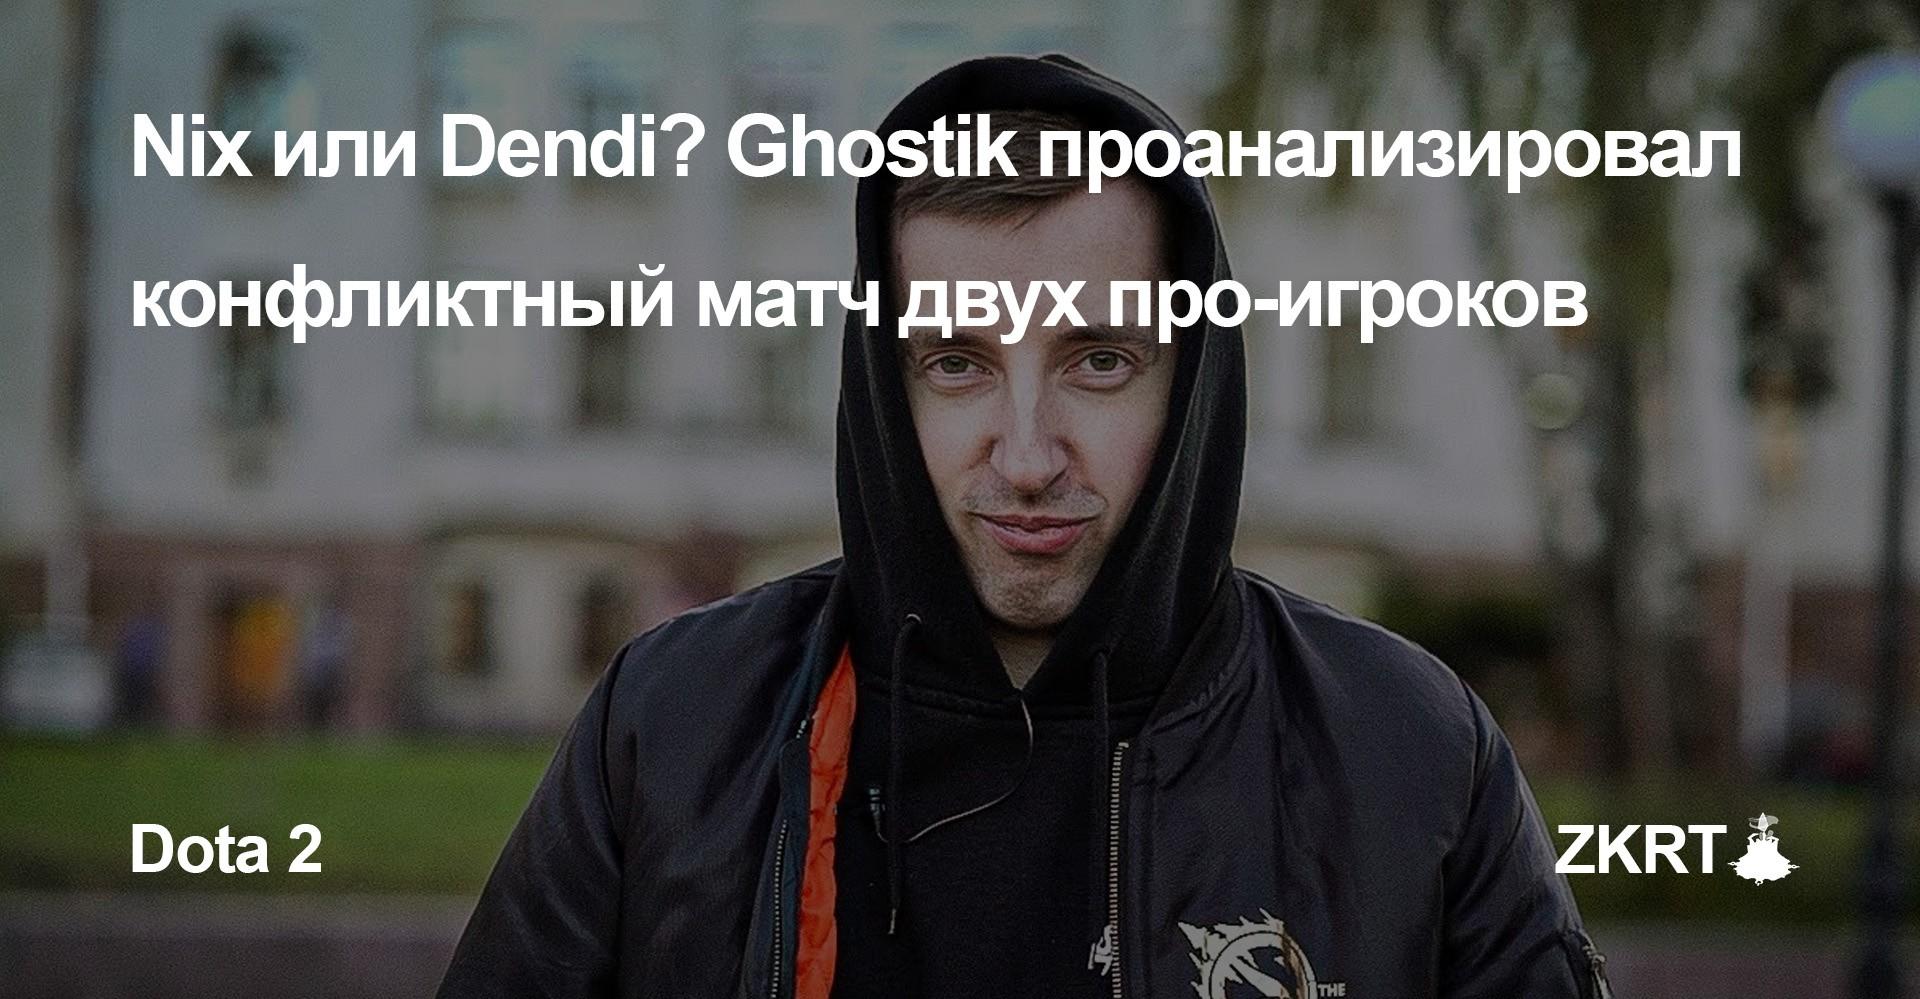 Ghostik